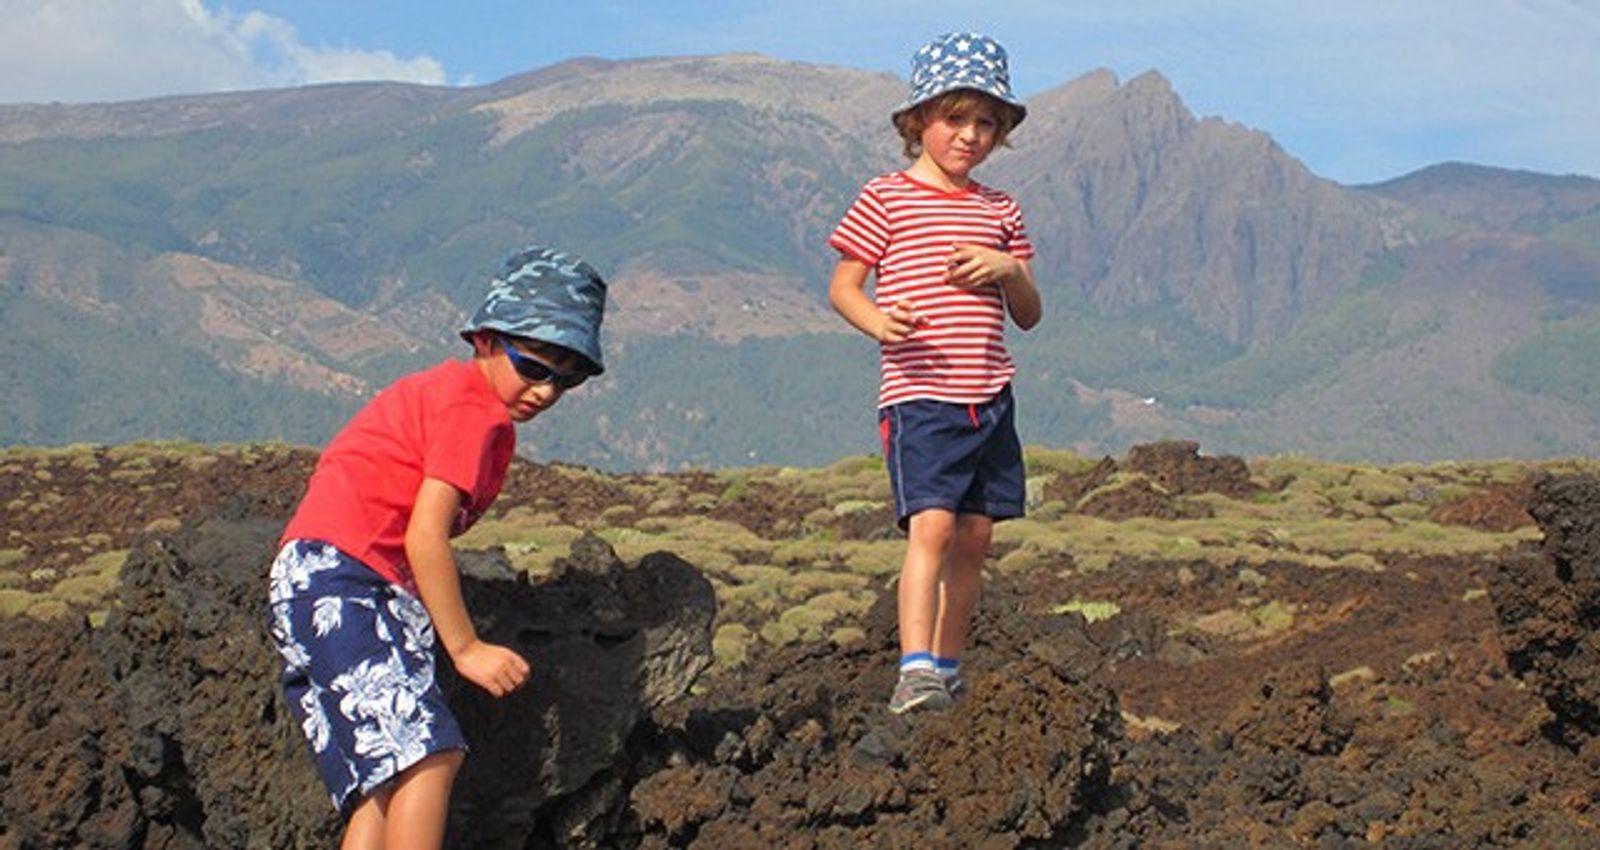 Tenerife: Volcano walking